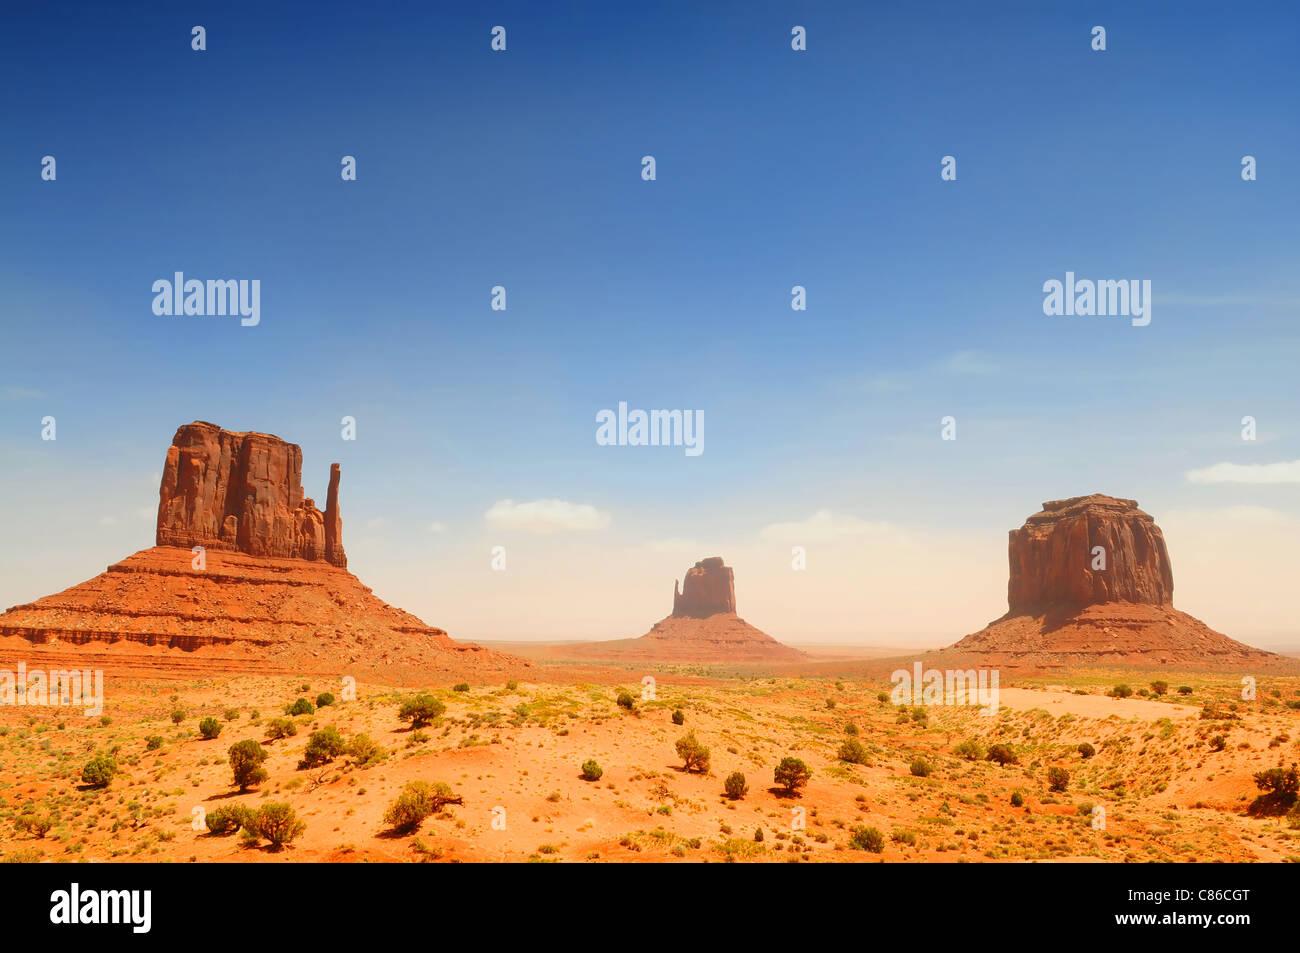 La Monument Valley, famoso paesaggio filmato sulla giornata di sole Immagini Stock